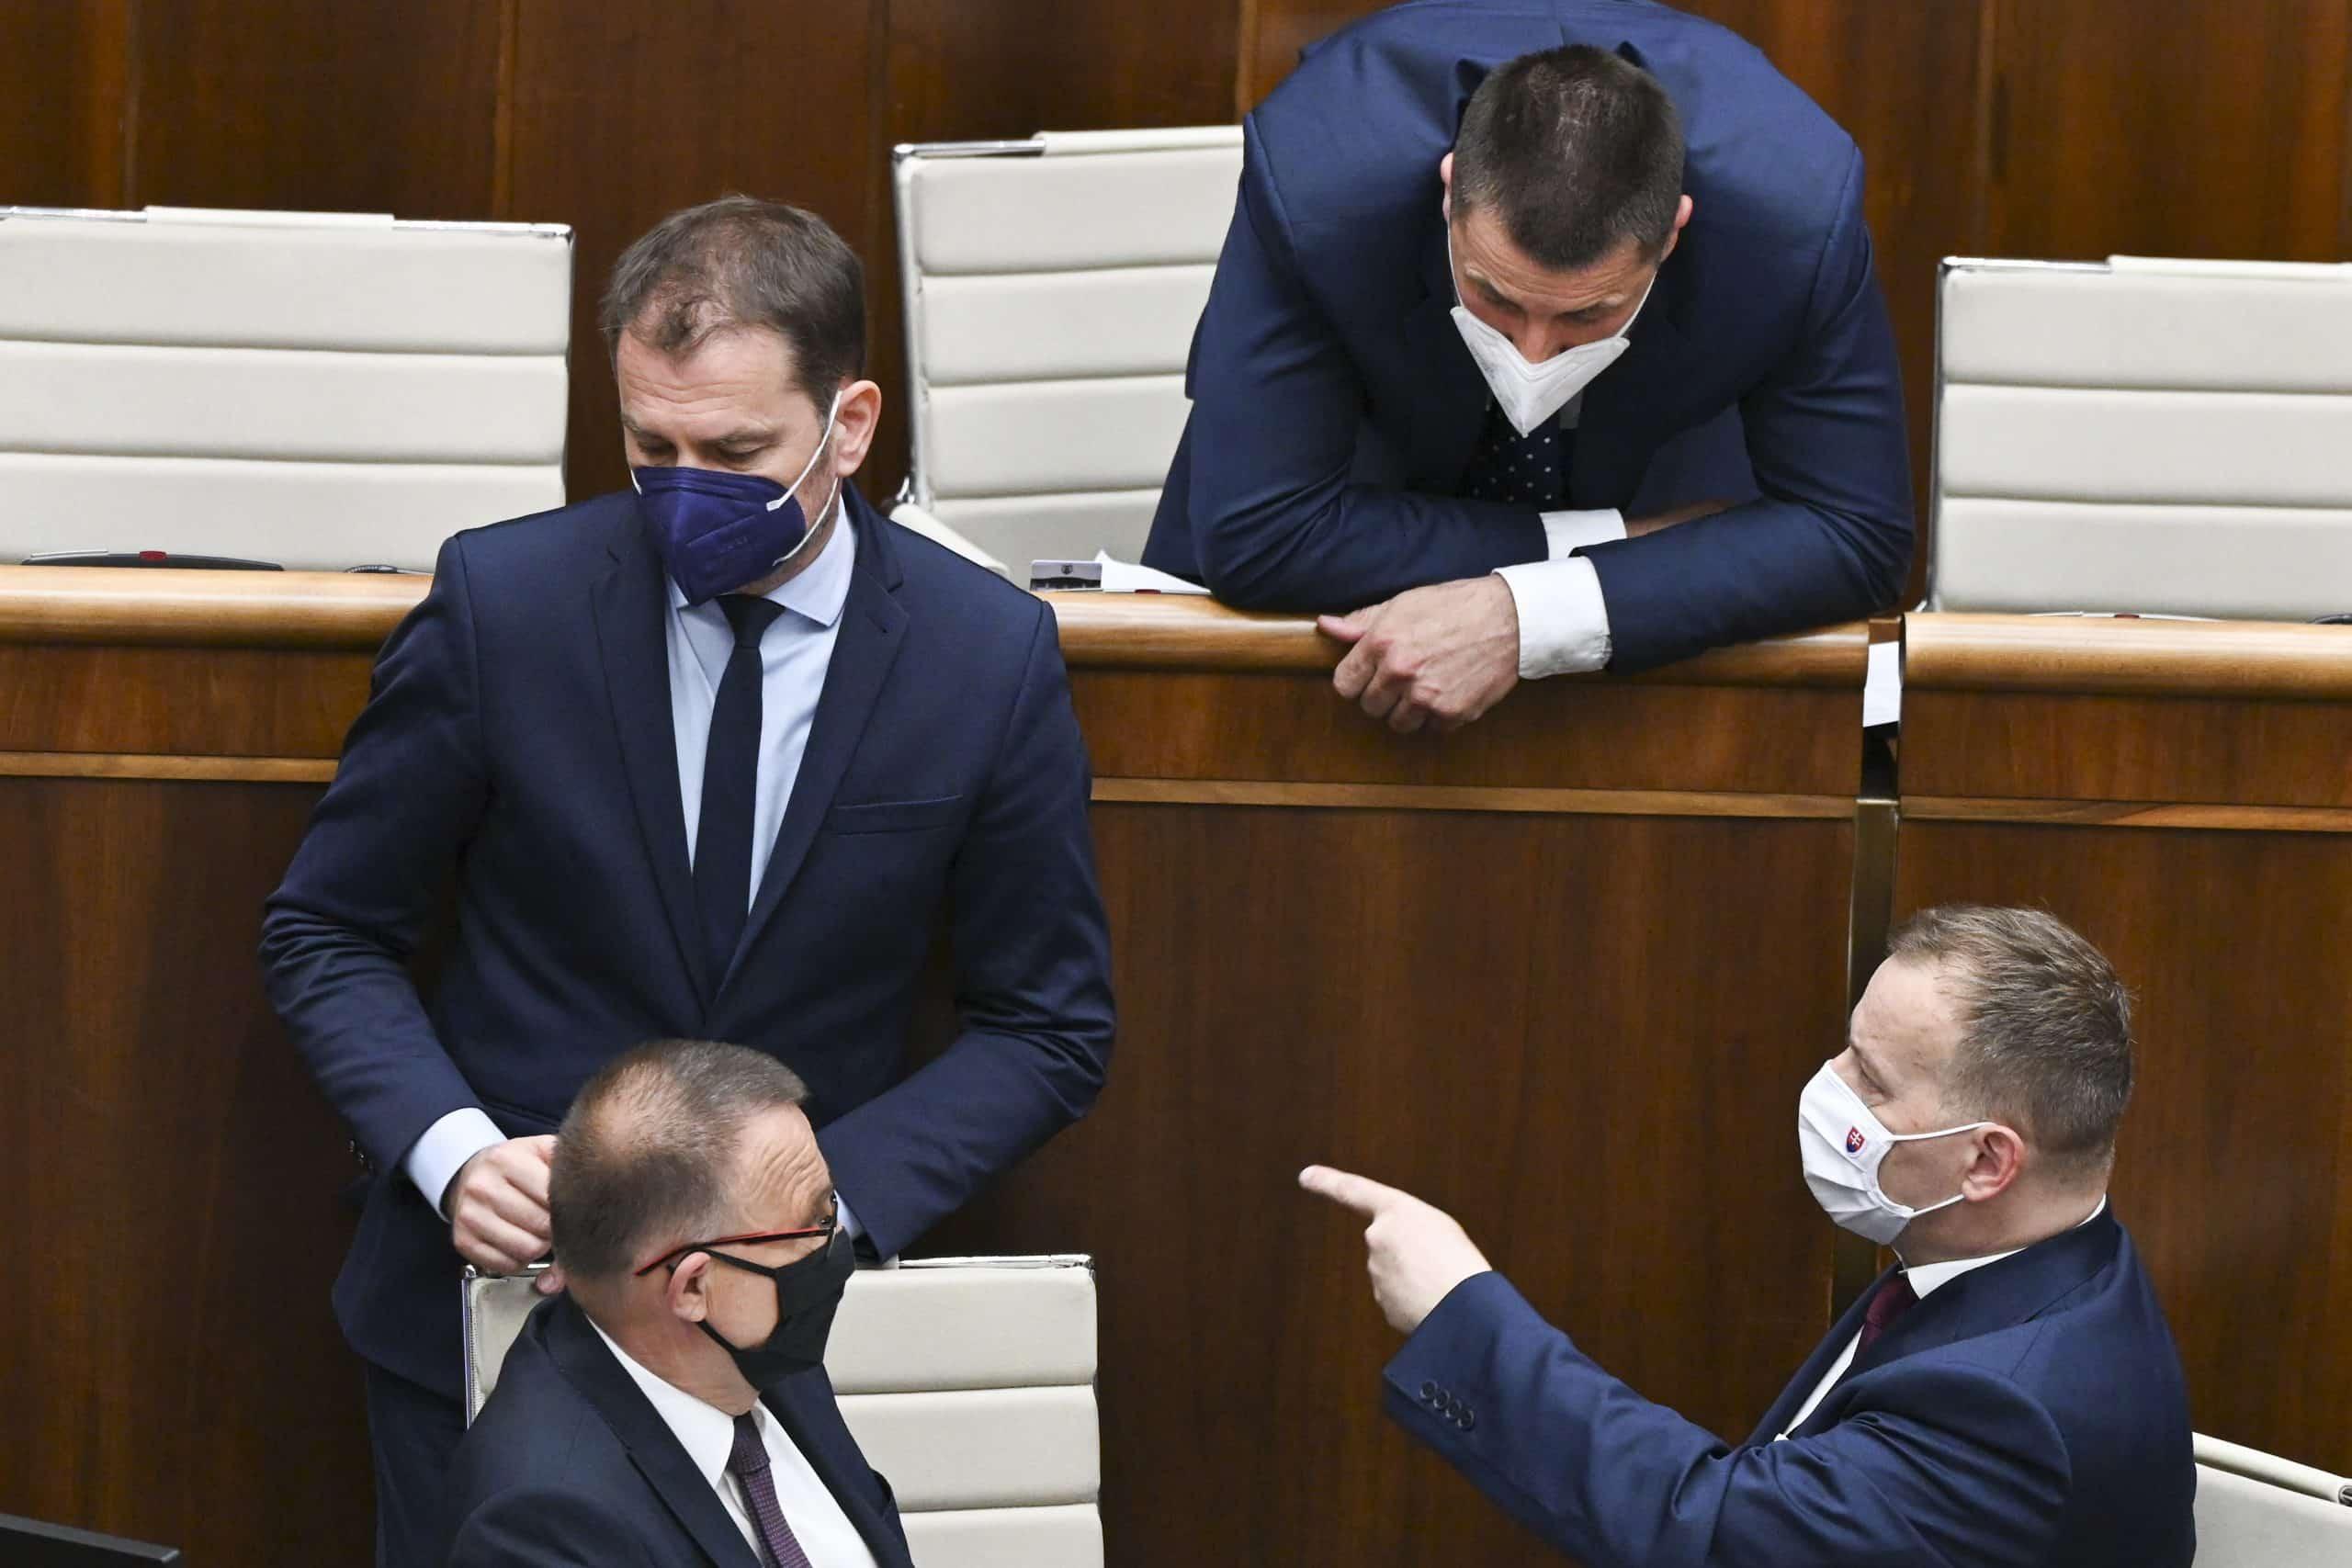 Odvolávanie Mikulca: Matovič nevie, čo si má myslieť o Pčolinskom, zásah proti Zurianovi označil za chybu 1